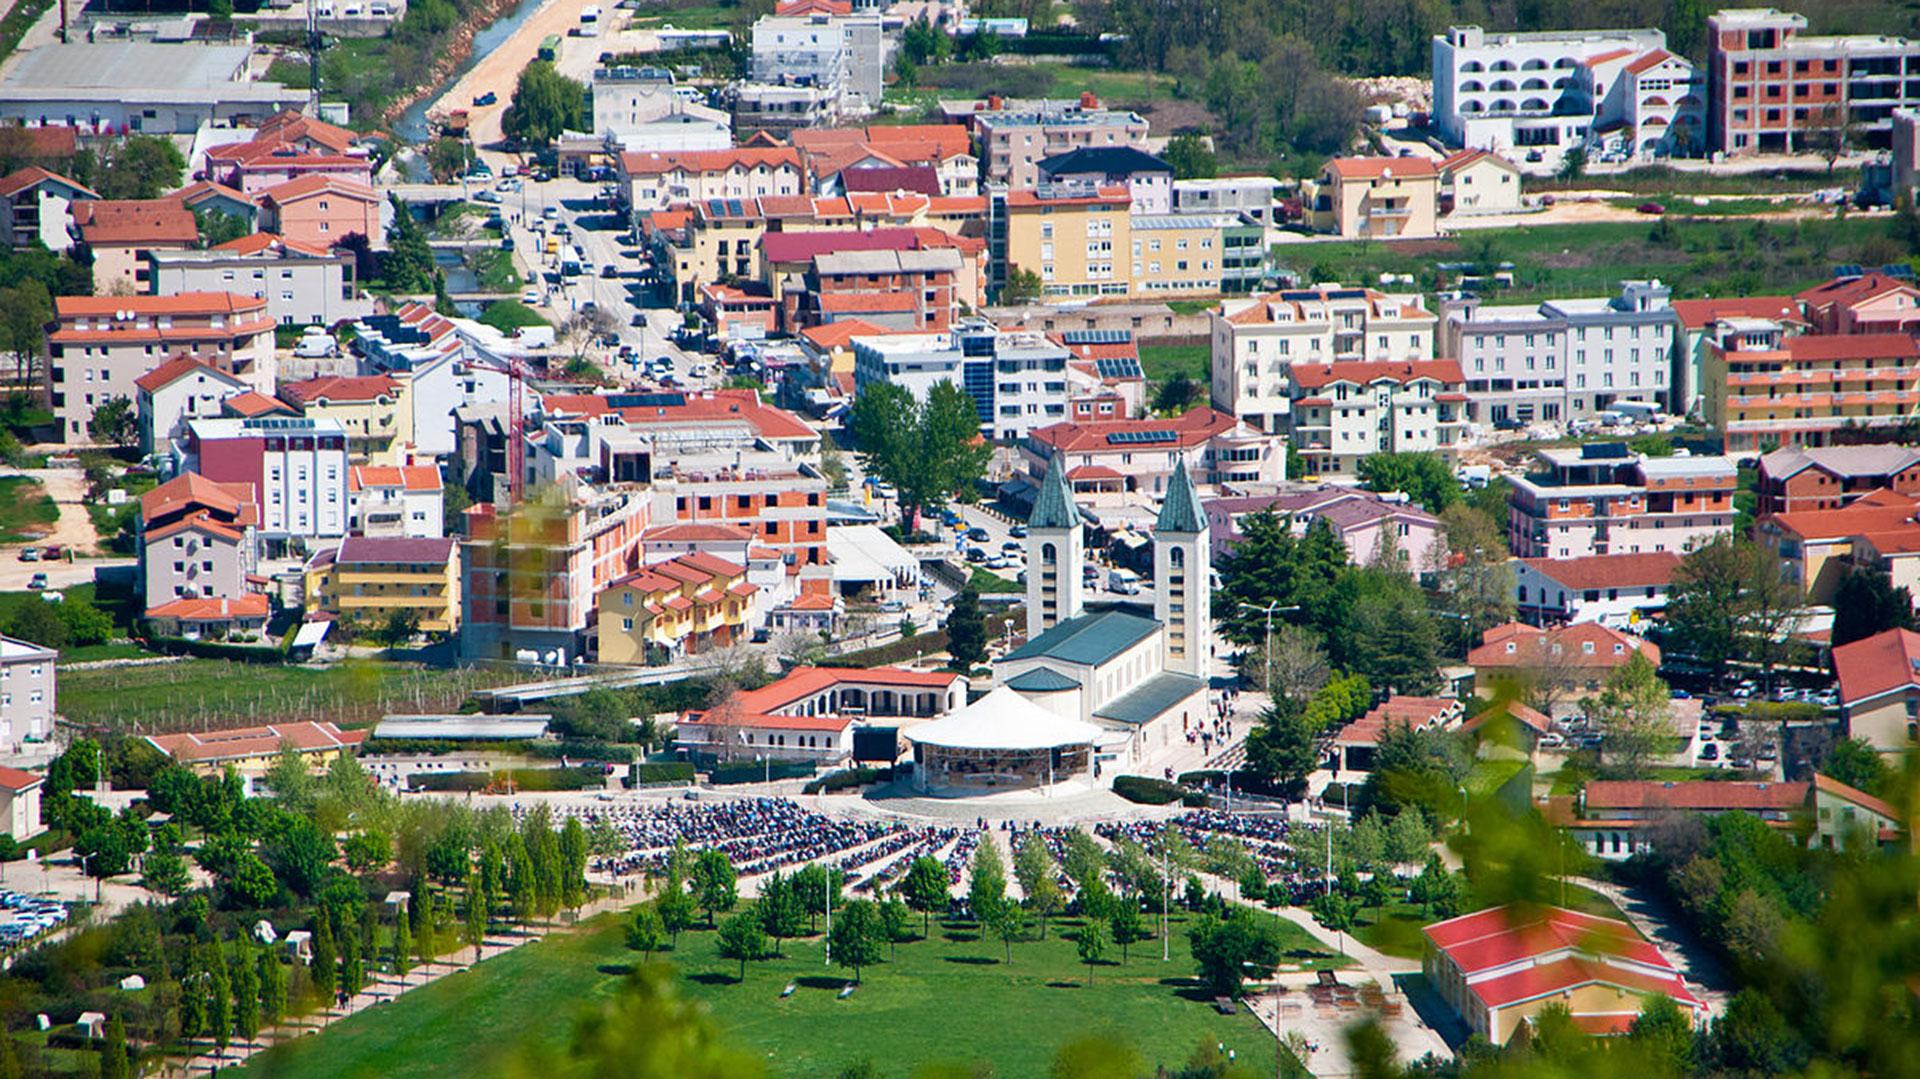 La pequeña ciudad de Mejugorje creció con hoteles, spa y comercios alrededor de la Iglesia de la ciudad